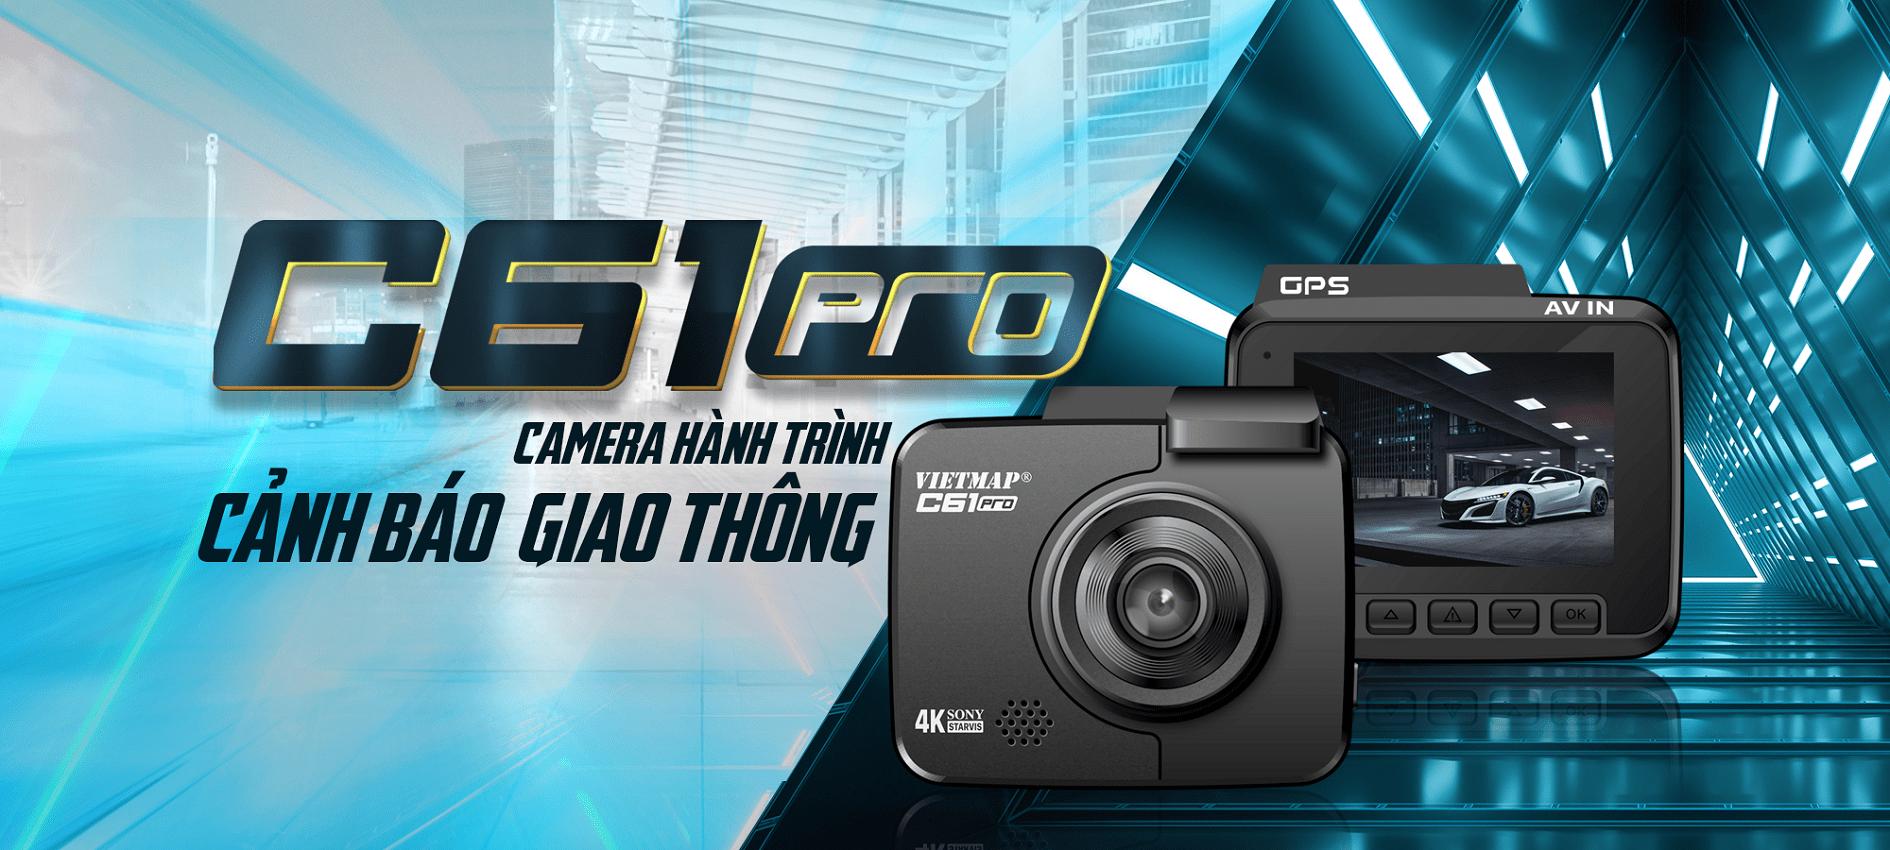 Camera hành trình Vietmap C61 Pro phiên bản 2021 ghi hình 4K, wifi, gps